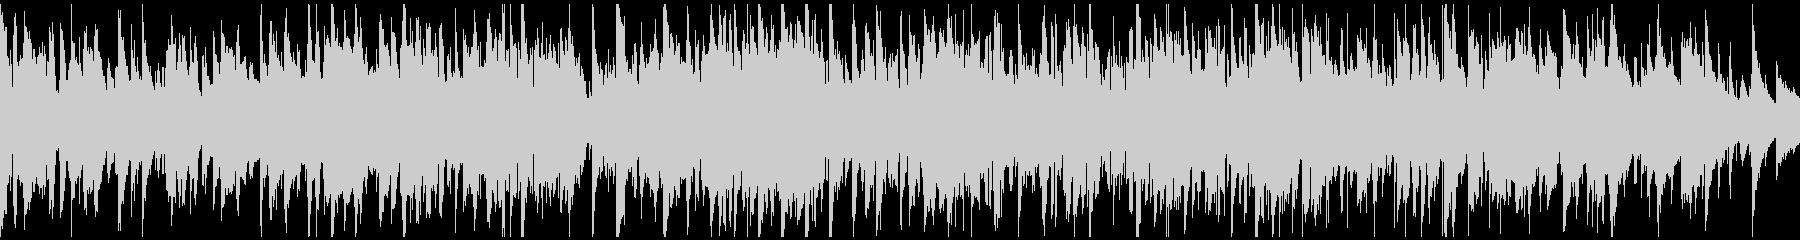 素敵で軽快なジャズ・ワルツ ※ループ版の未再生の波形